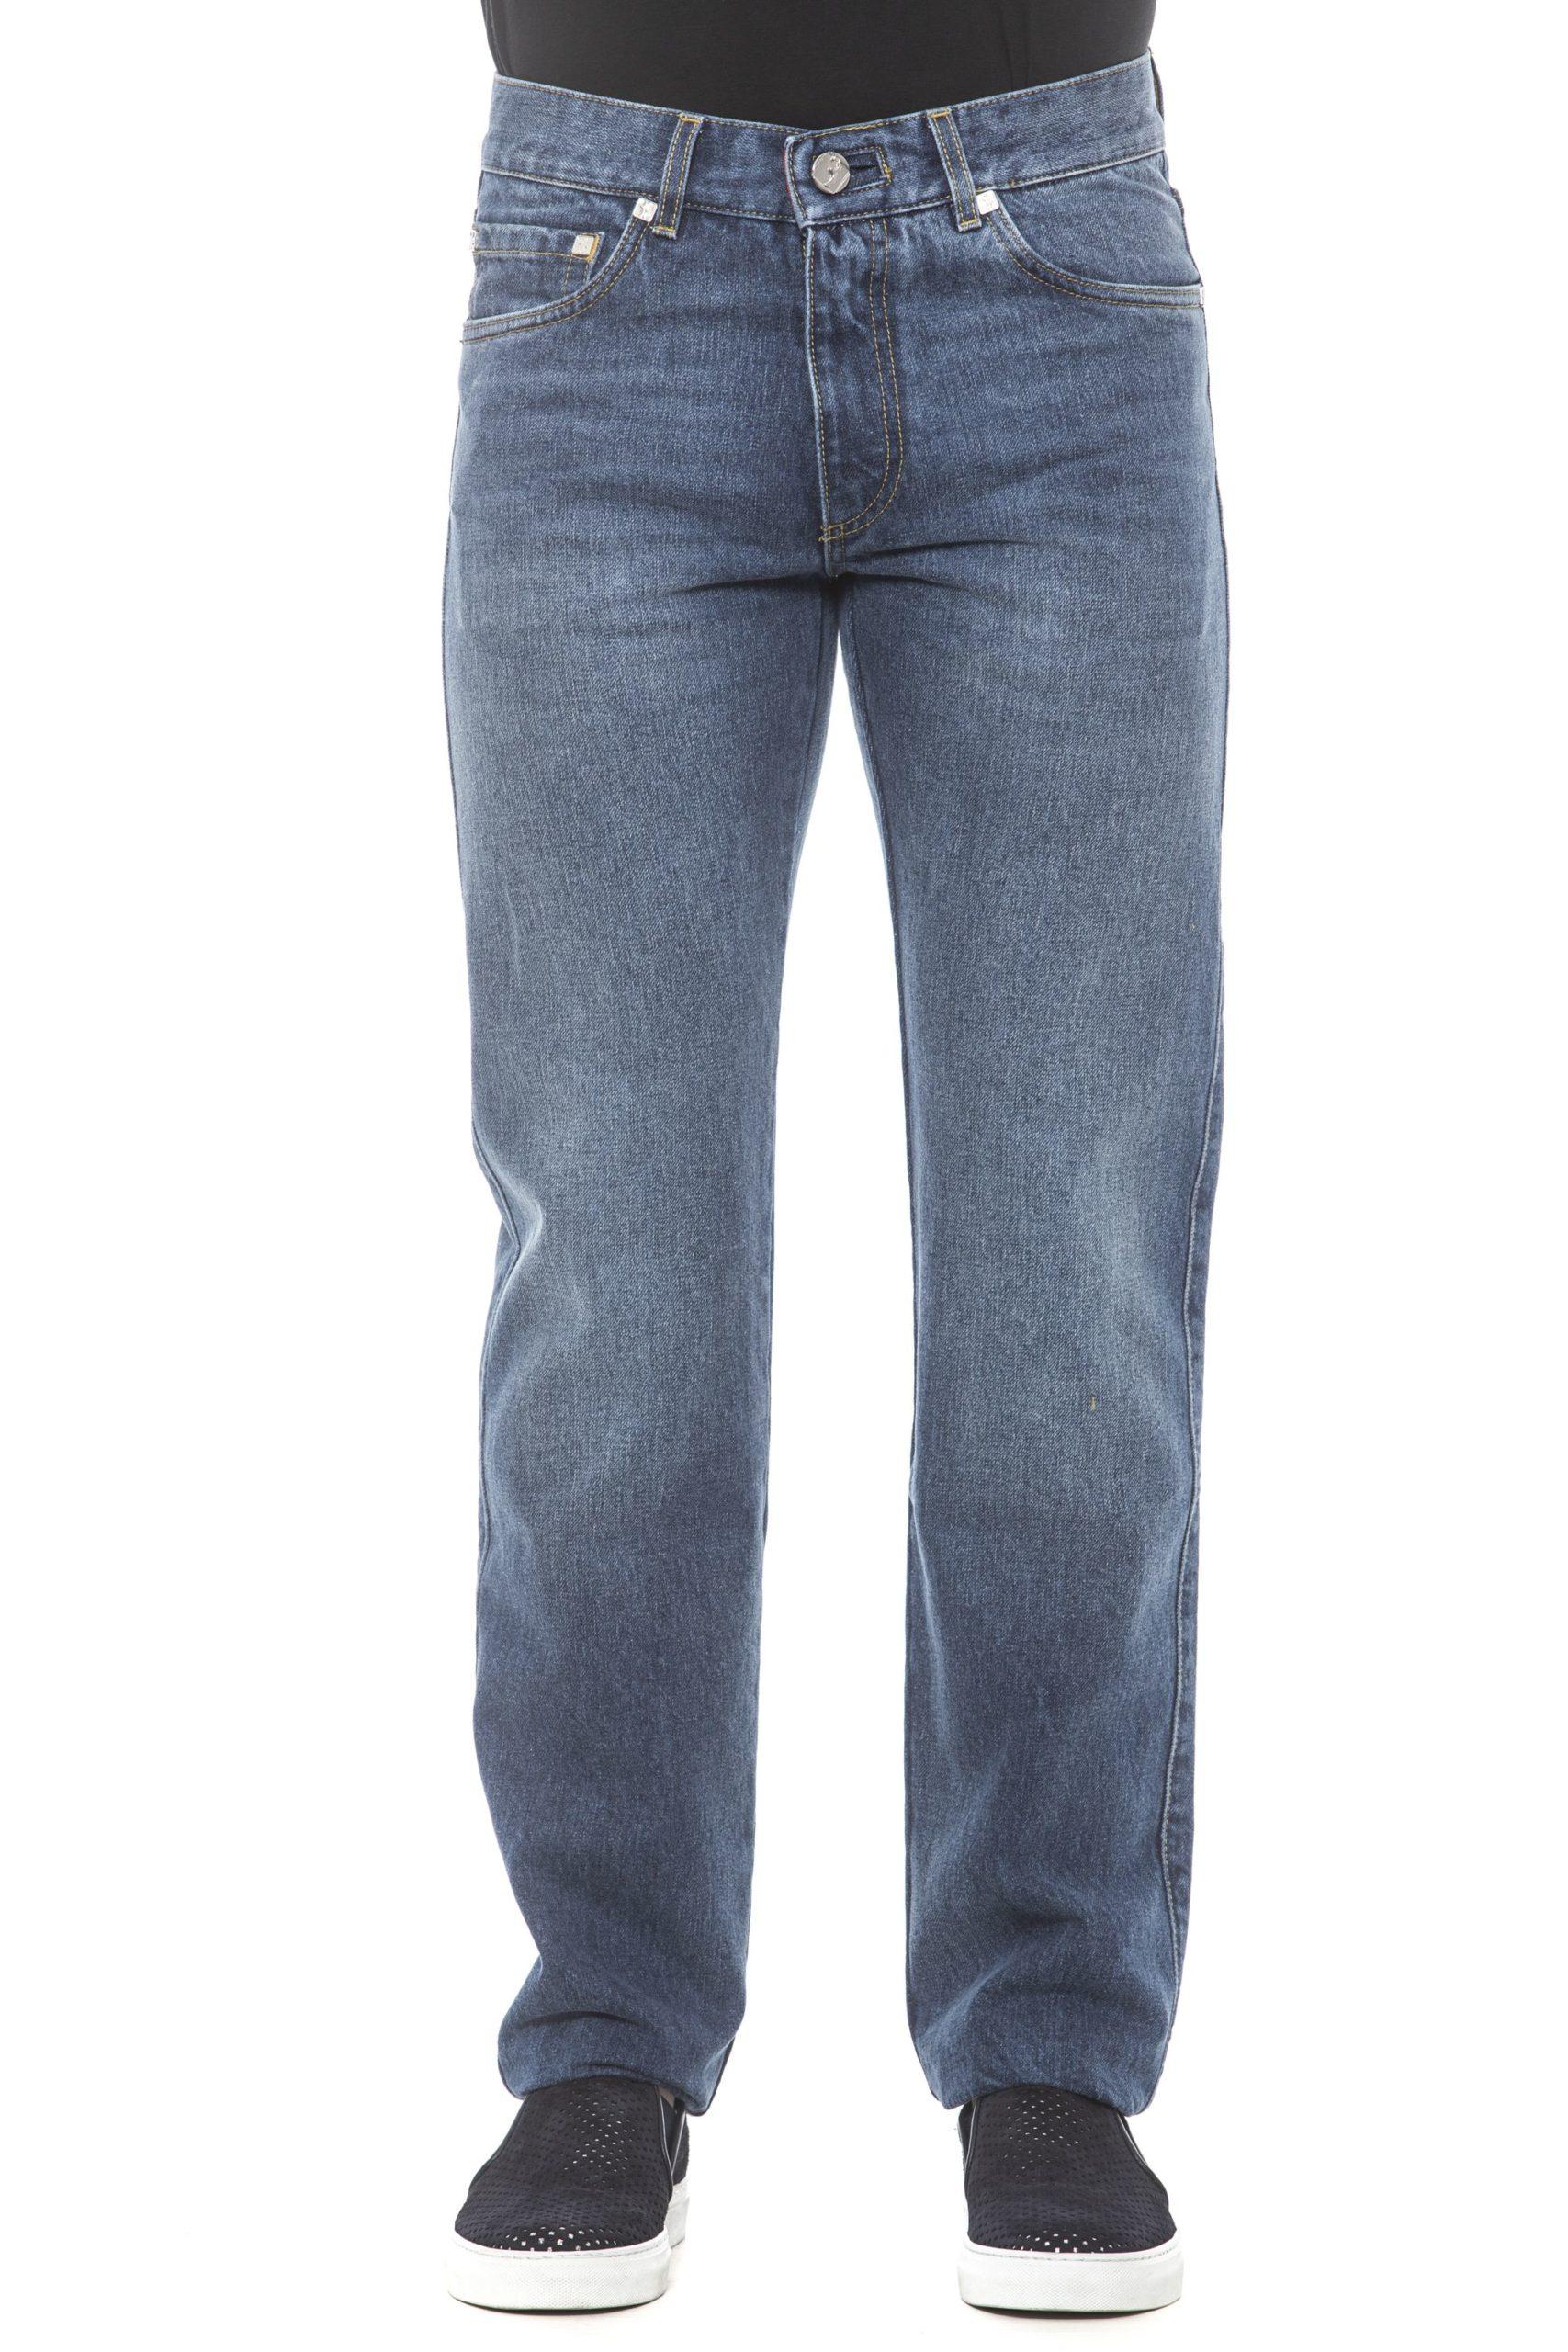 Billionaire Italian Couture Men's Jeans Blue BI1405215 - IT46 | S